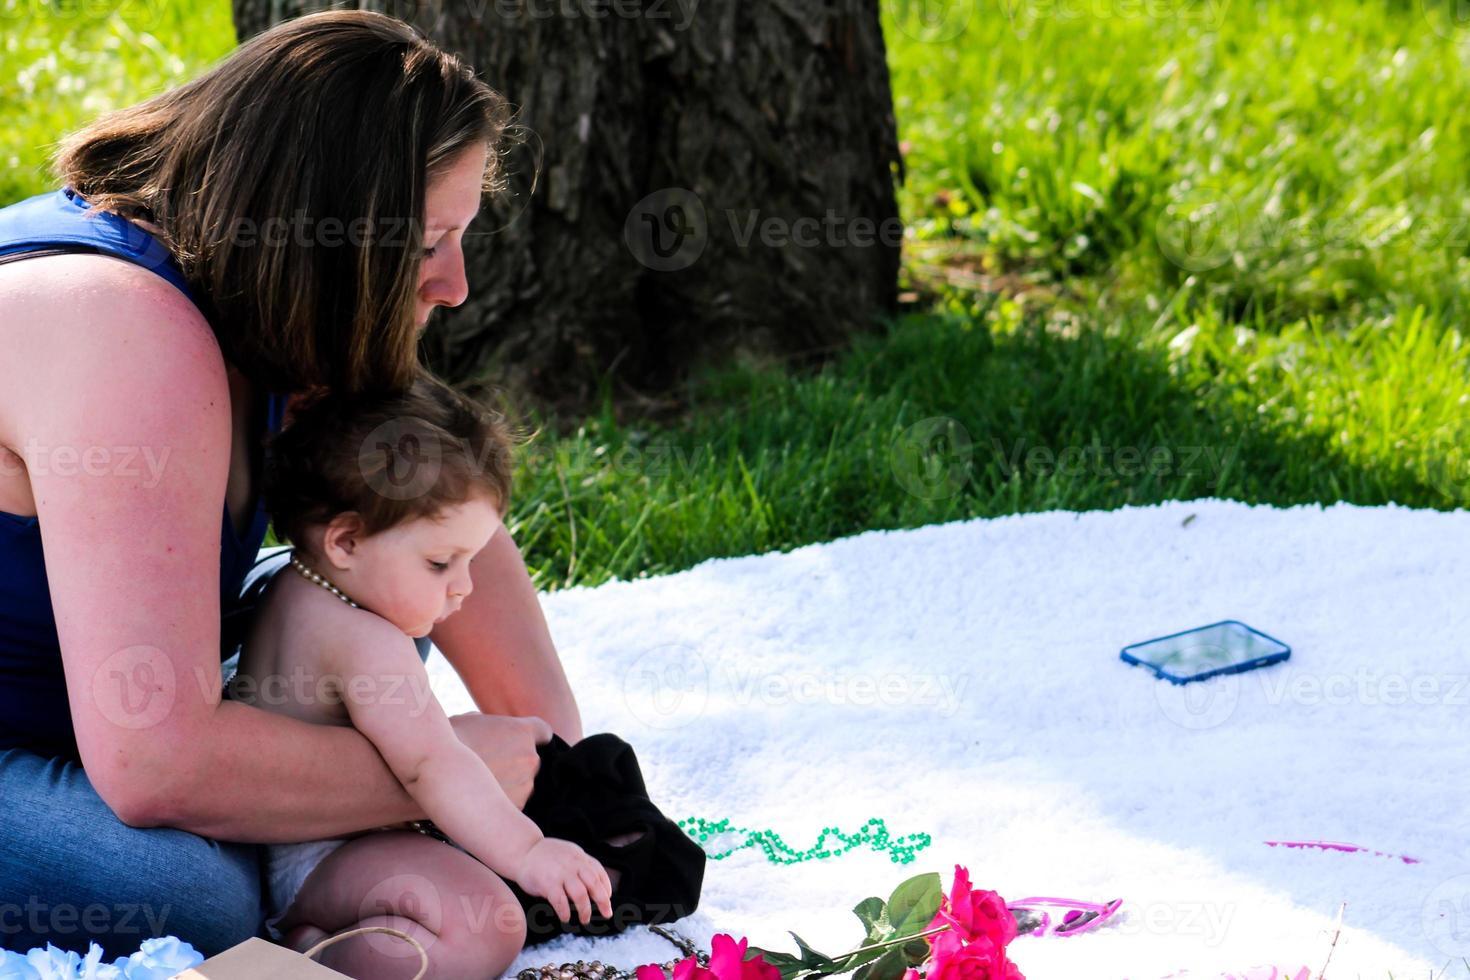 madre e figlia in un giorno di primavera foto